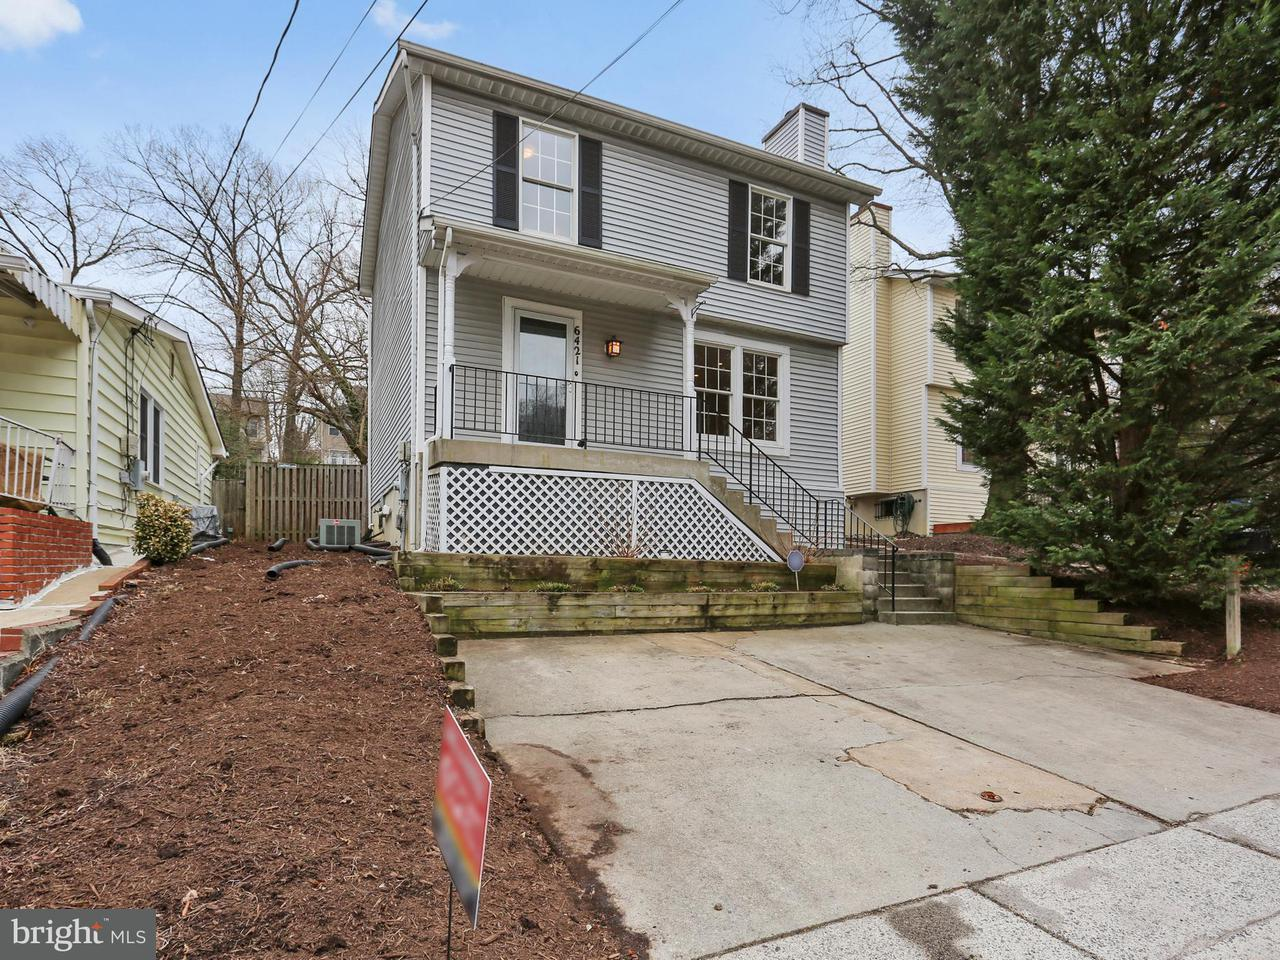 独户住宅 为 销售 在 6421 4th Avenue 6421 4th Avenue Takoma Park, 马里兰州 20912 美国